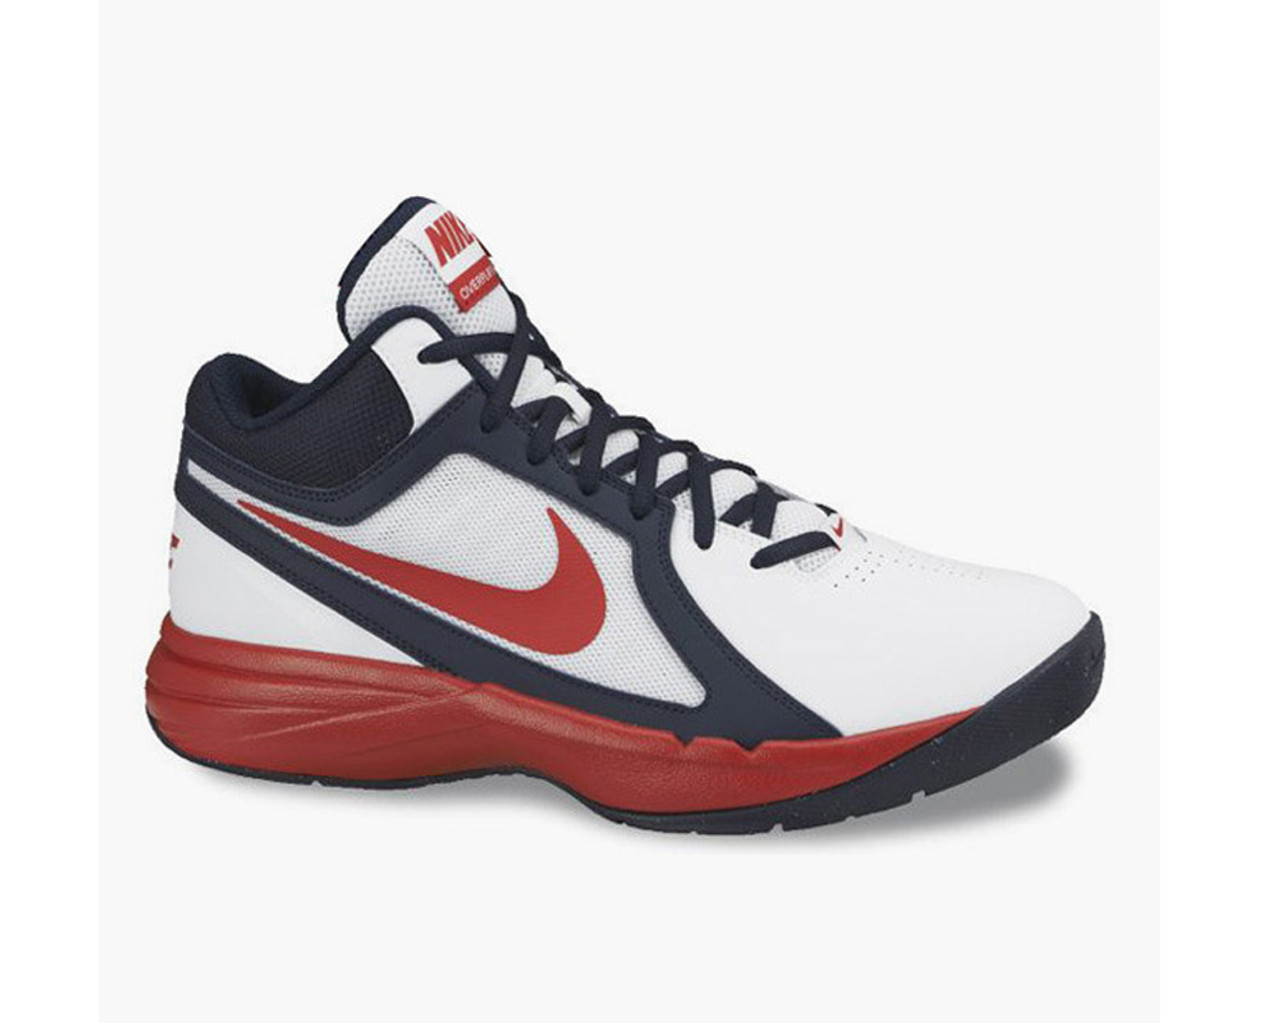 Ataque de nervios experimental Ganar  Nike Men's The Overplay VIII Basketball Shoes - White | Discount Nike Men's  Athletic & More - Shoolu.com | Shoolu.com